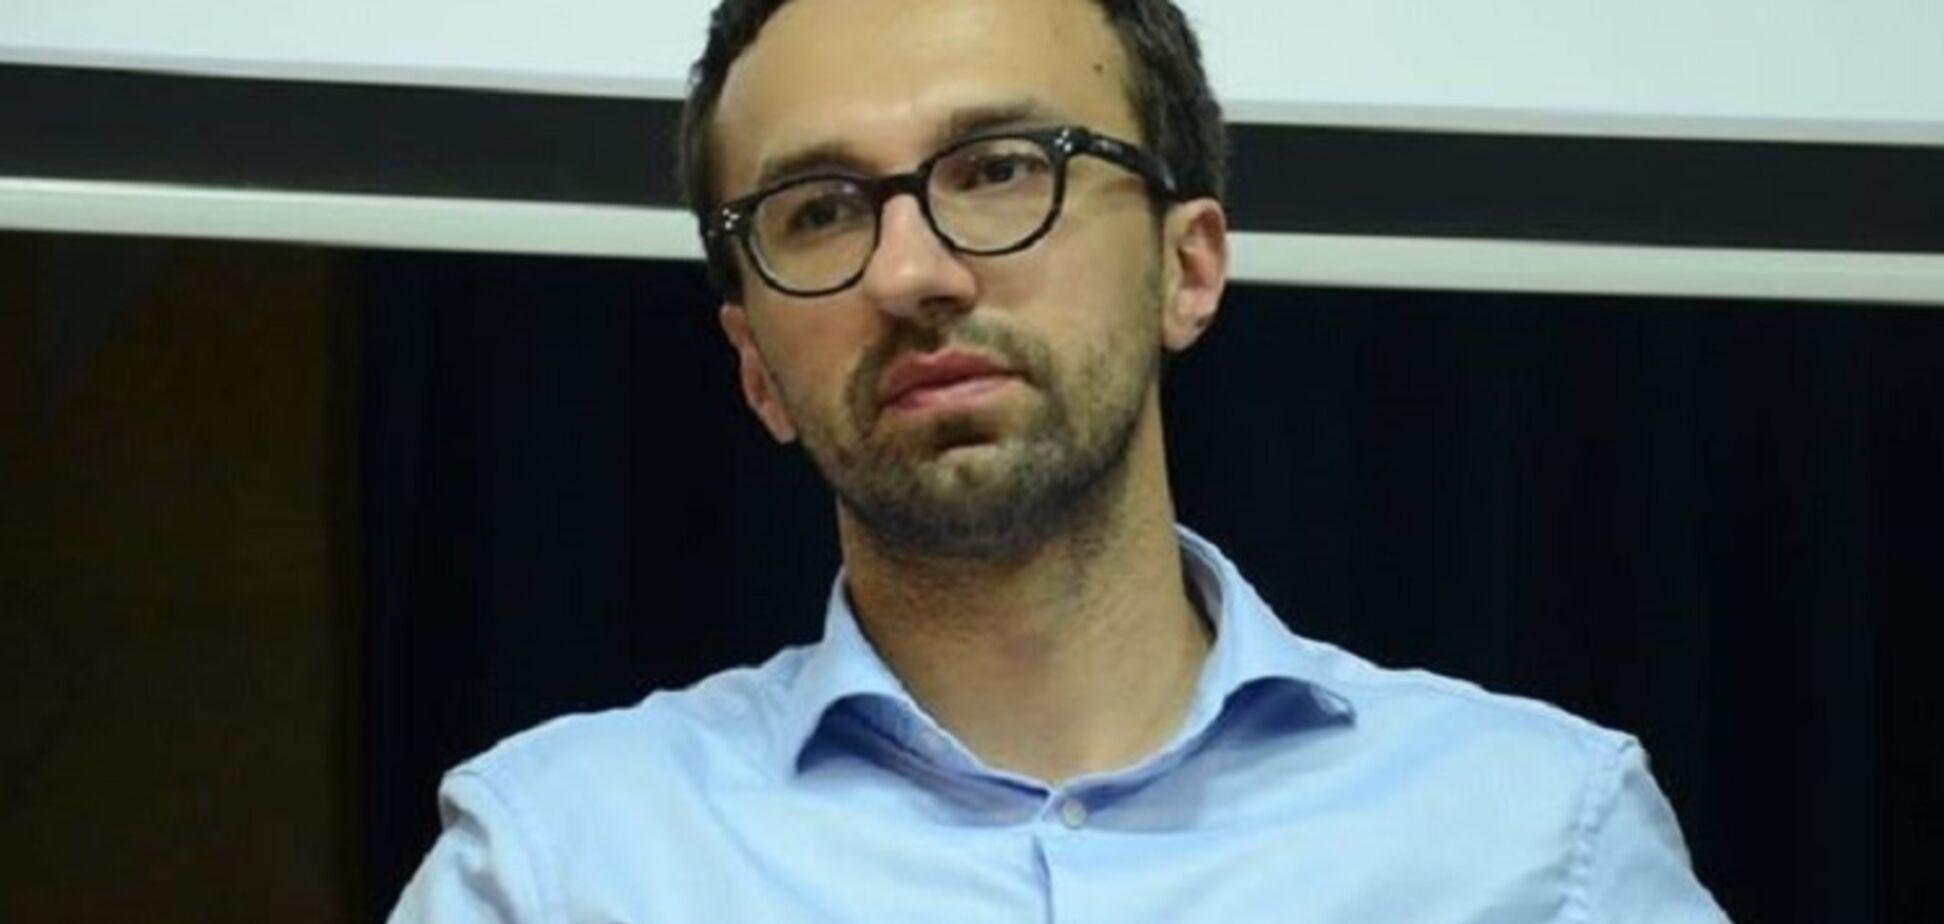 Адвокат Іванющенка спростував інформацію про перемогу Лещенка в суді